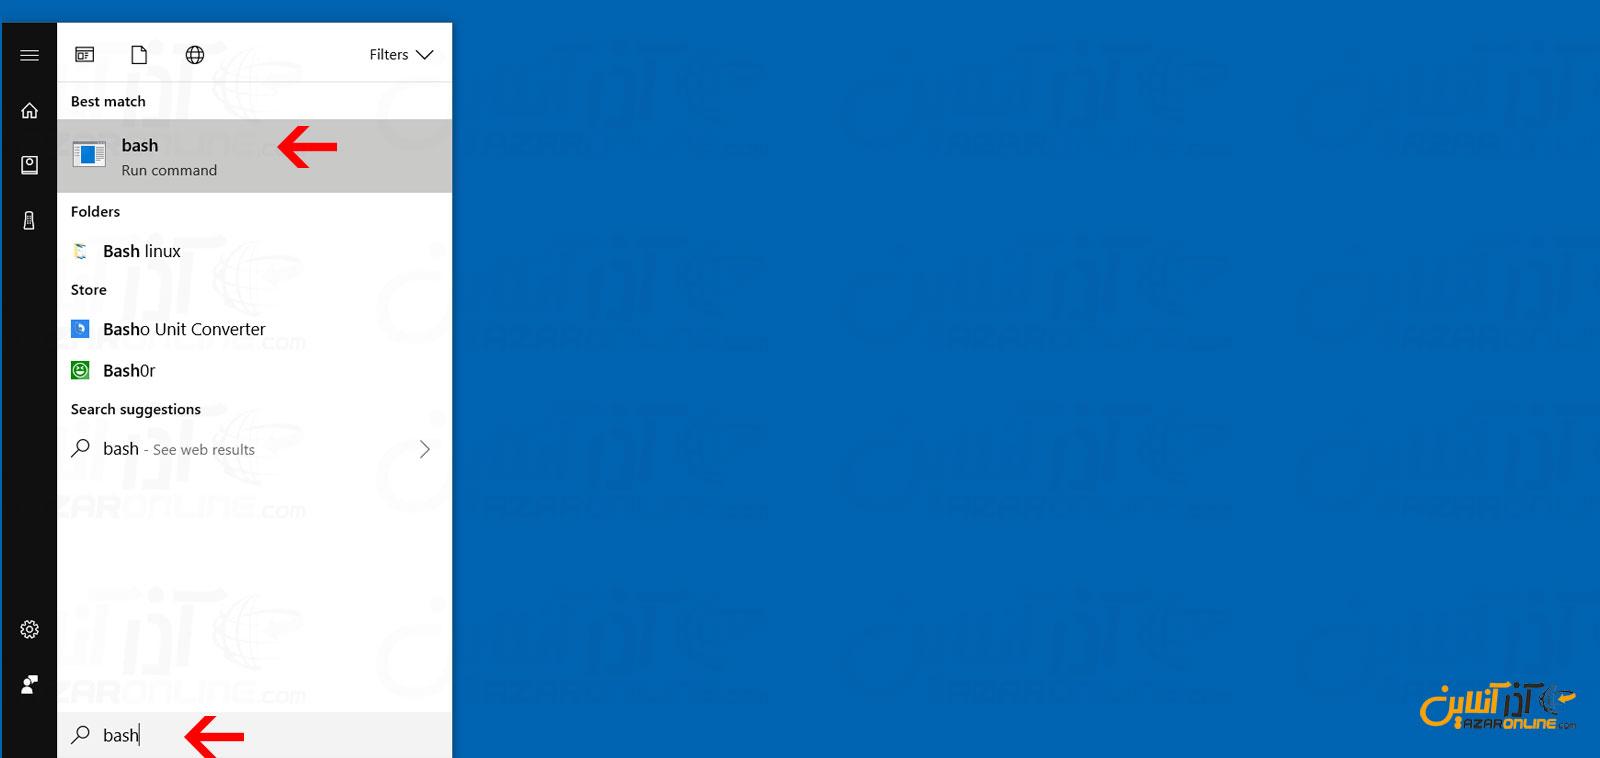 جستجو در ویندوز و باز کردن Bash لینوکس